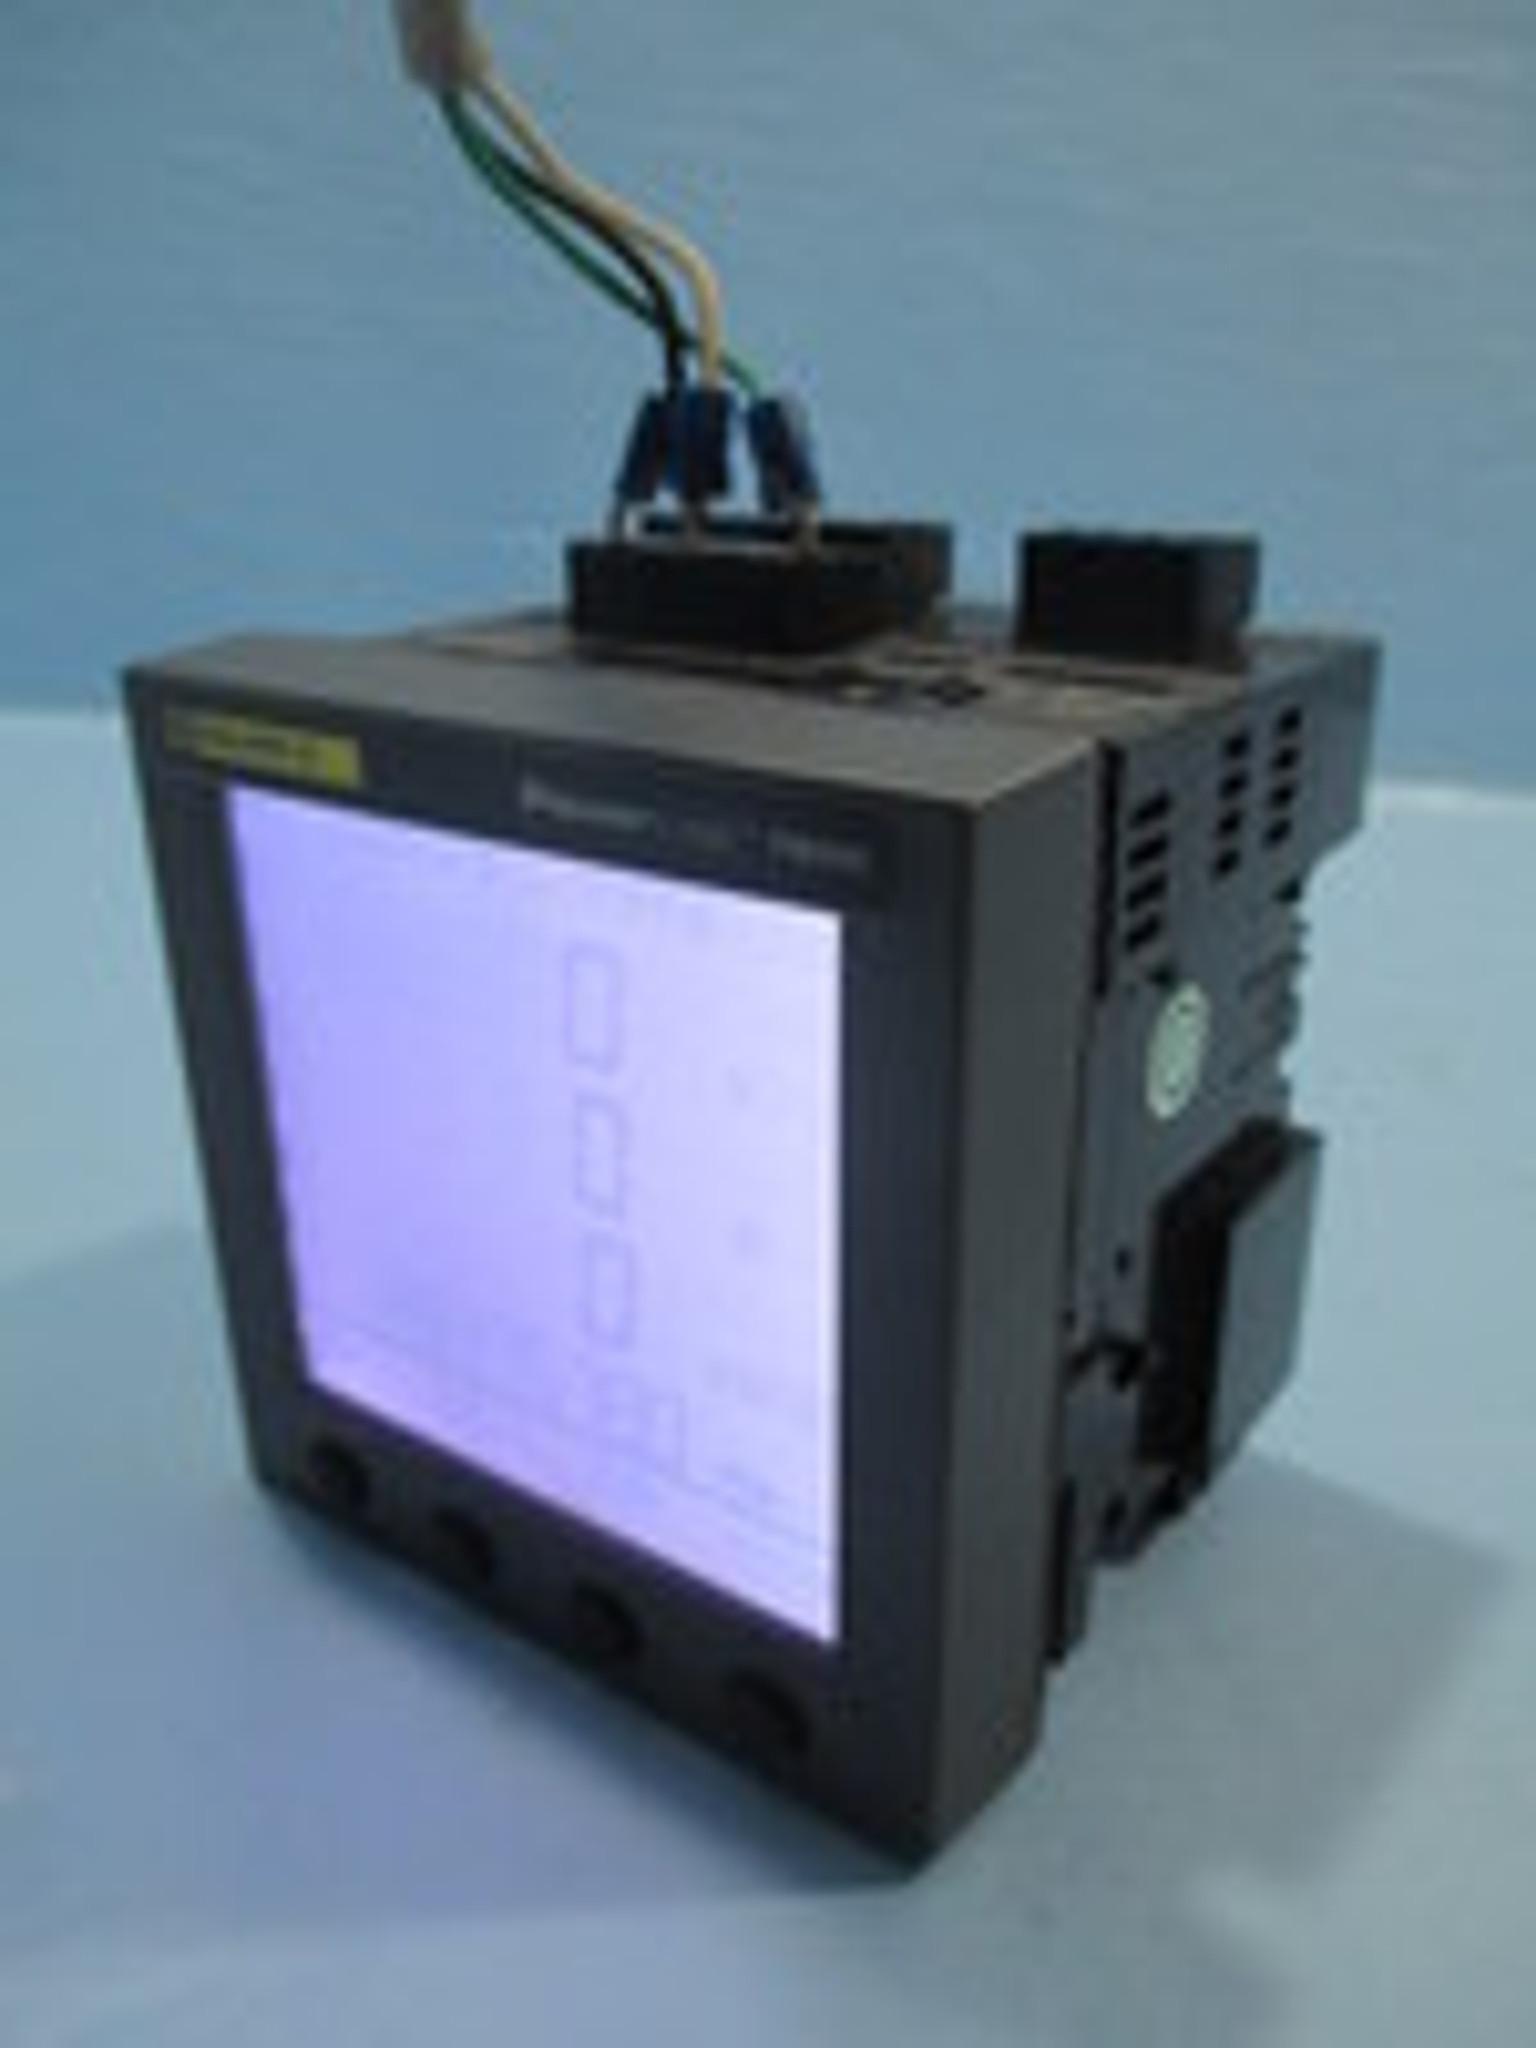 Square D PowerLogic Circuit Monitoring